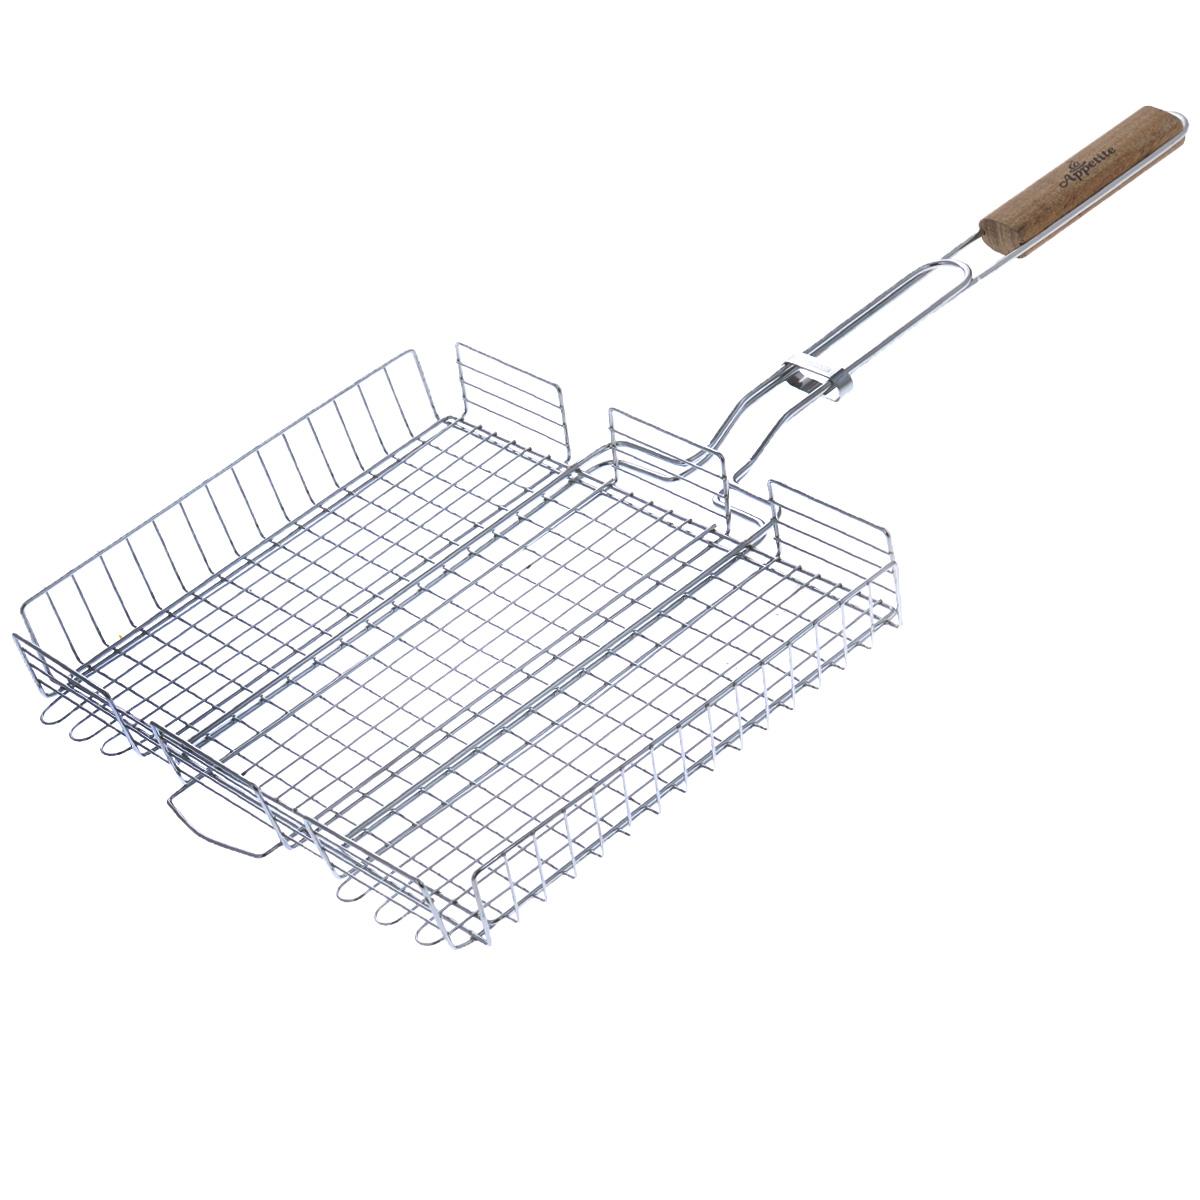 Решетка-гриль глубокая Appetite, 35 х 28,5 см115510Решетка-гриль Appetite изготовлена из стали с хромированным покрытием. Приготовление вкусных блюд из рыбы, мяса или птицы на пикнике становится еще более быстрым и удобным с использованием решетки-гриль. Верхняя прижимная сетка решетки регулируется по высоте и позволяет готовить продукты разной толщины. Высокие бортики не дадут упасть продуктам на угли при перевороте решетки. Решетка-гриль отлично подходит для мангала. Удобная для обхвата деревянная ручка помогает легче переворачивать решетку и делает ее использование более безопасным. Размер решетки: 35 см х 28,5 см х 4,5 см. Длина ручки: 36 см.